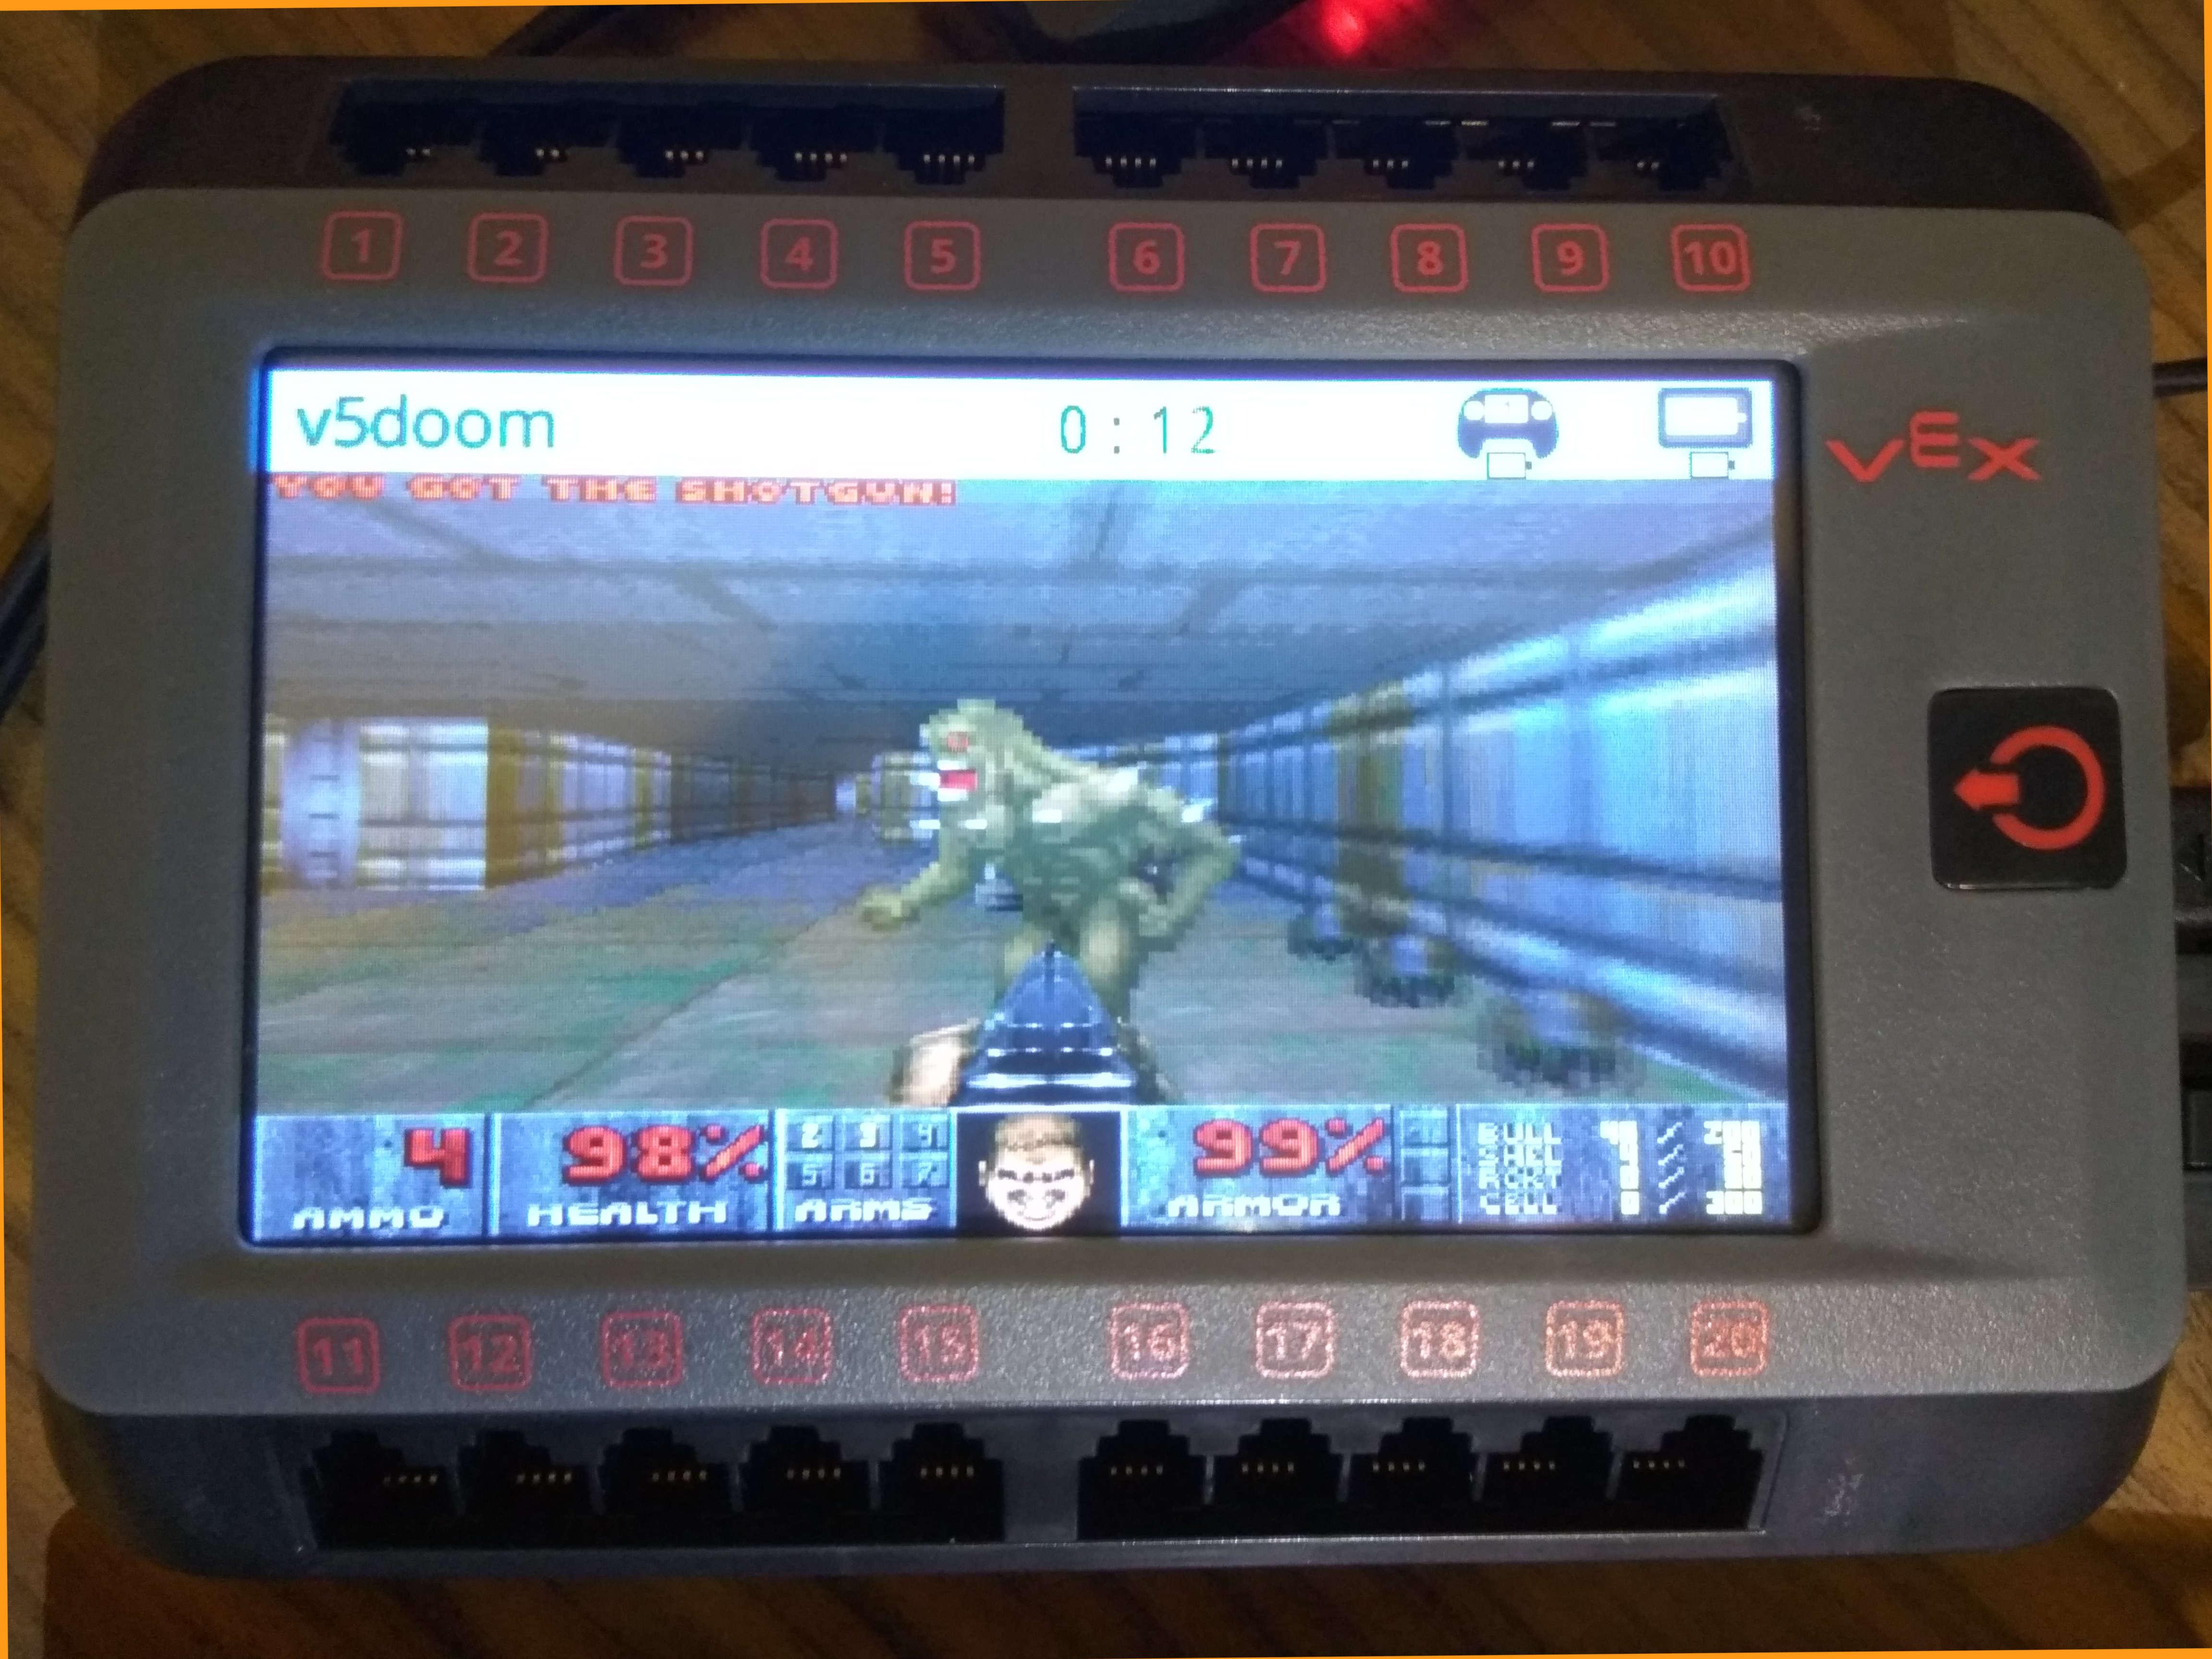 GitHub - sealj553/VexV5Doom: DOOM port for the Vex V5 Robot